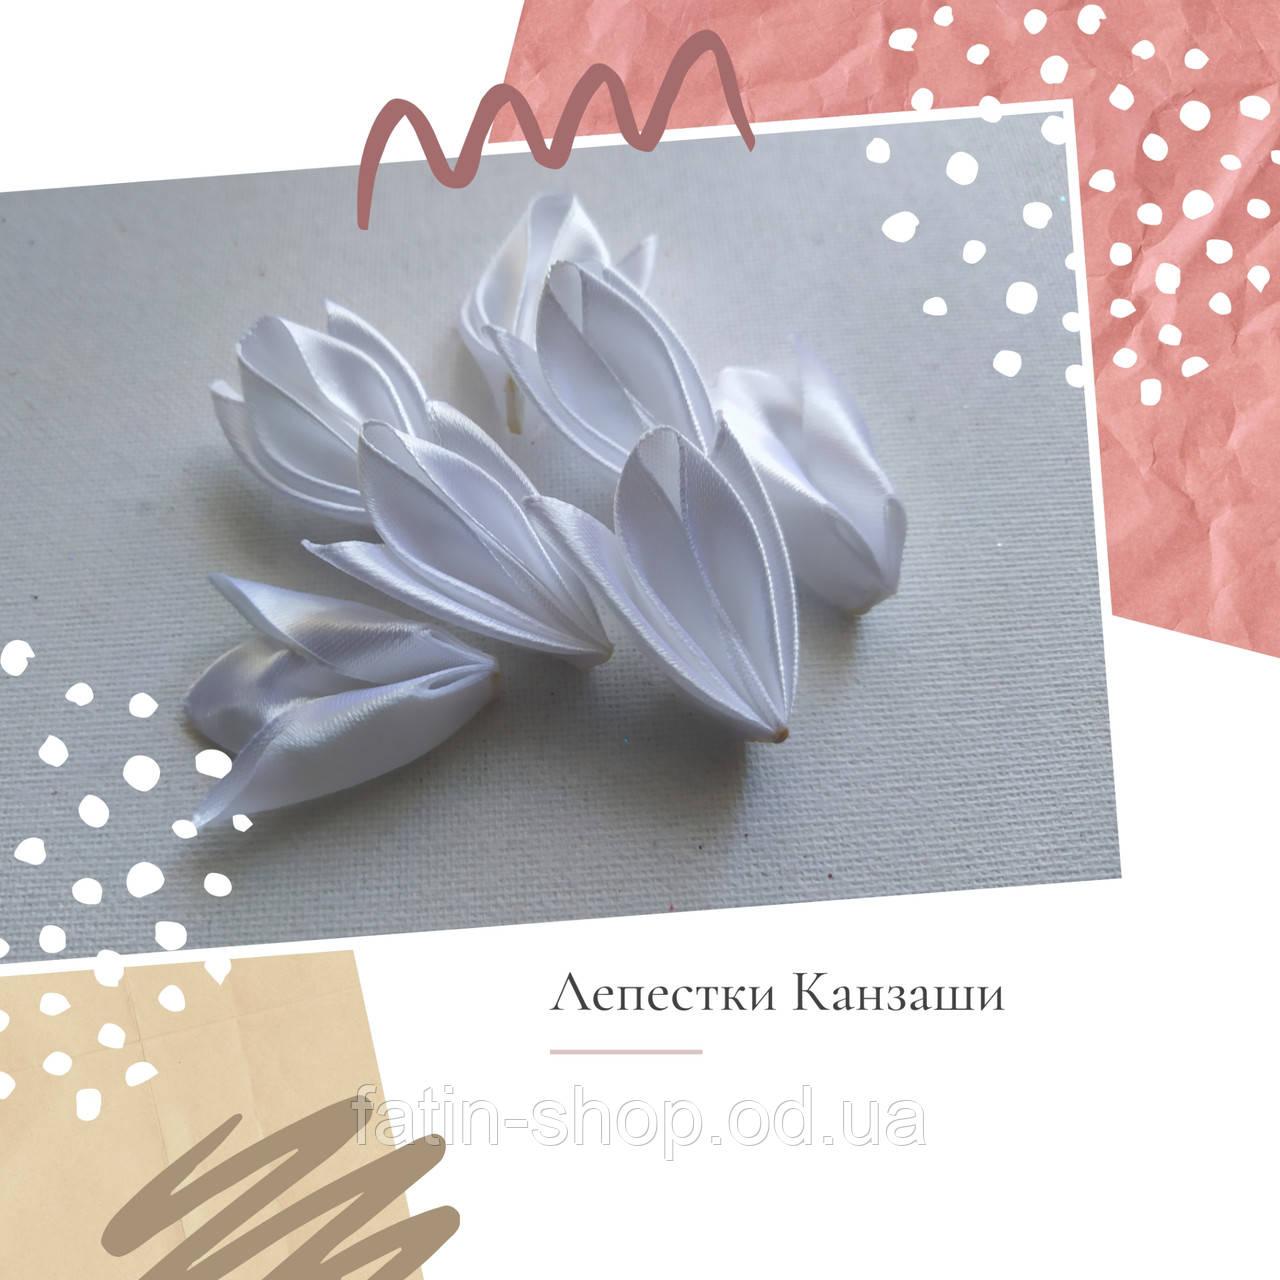 Лепестки Канзаши №06